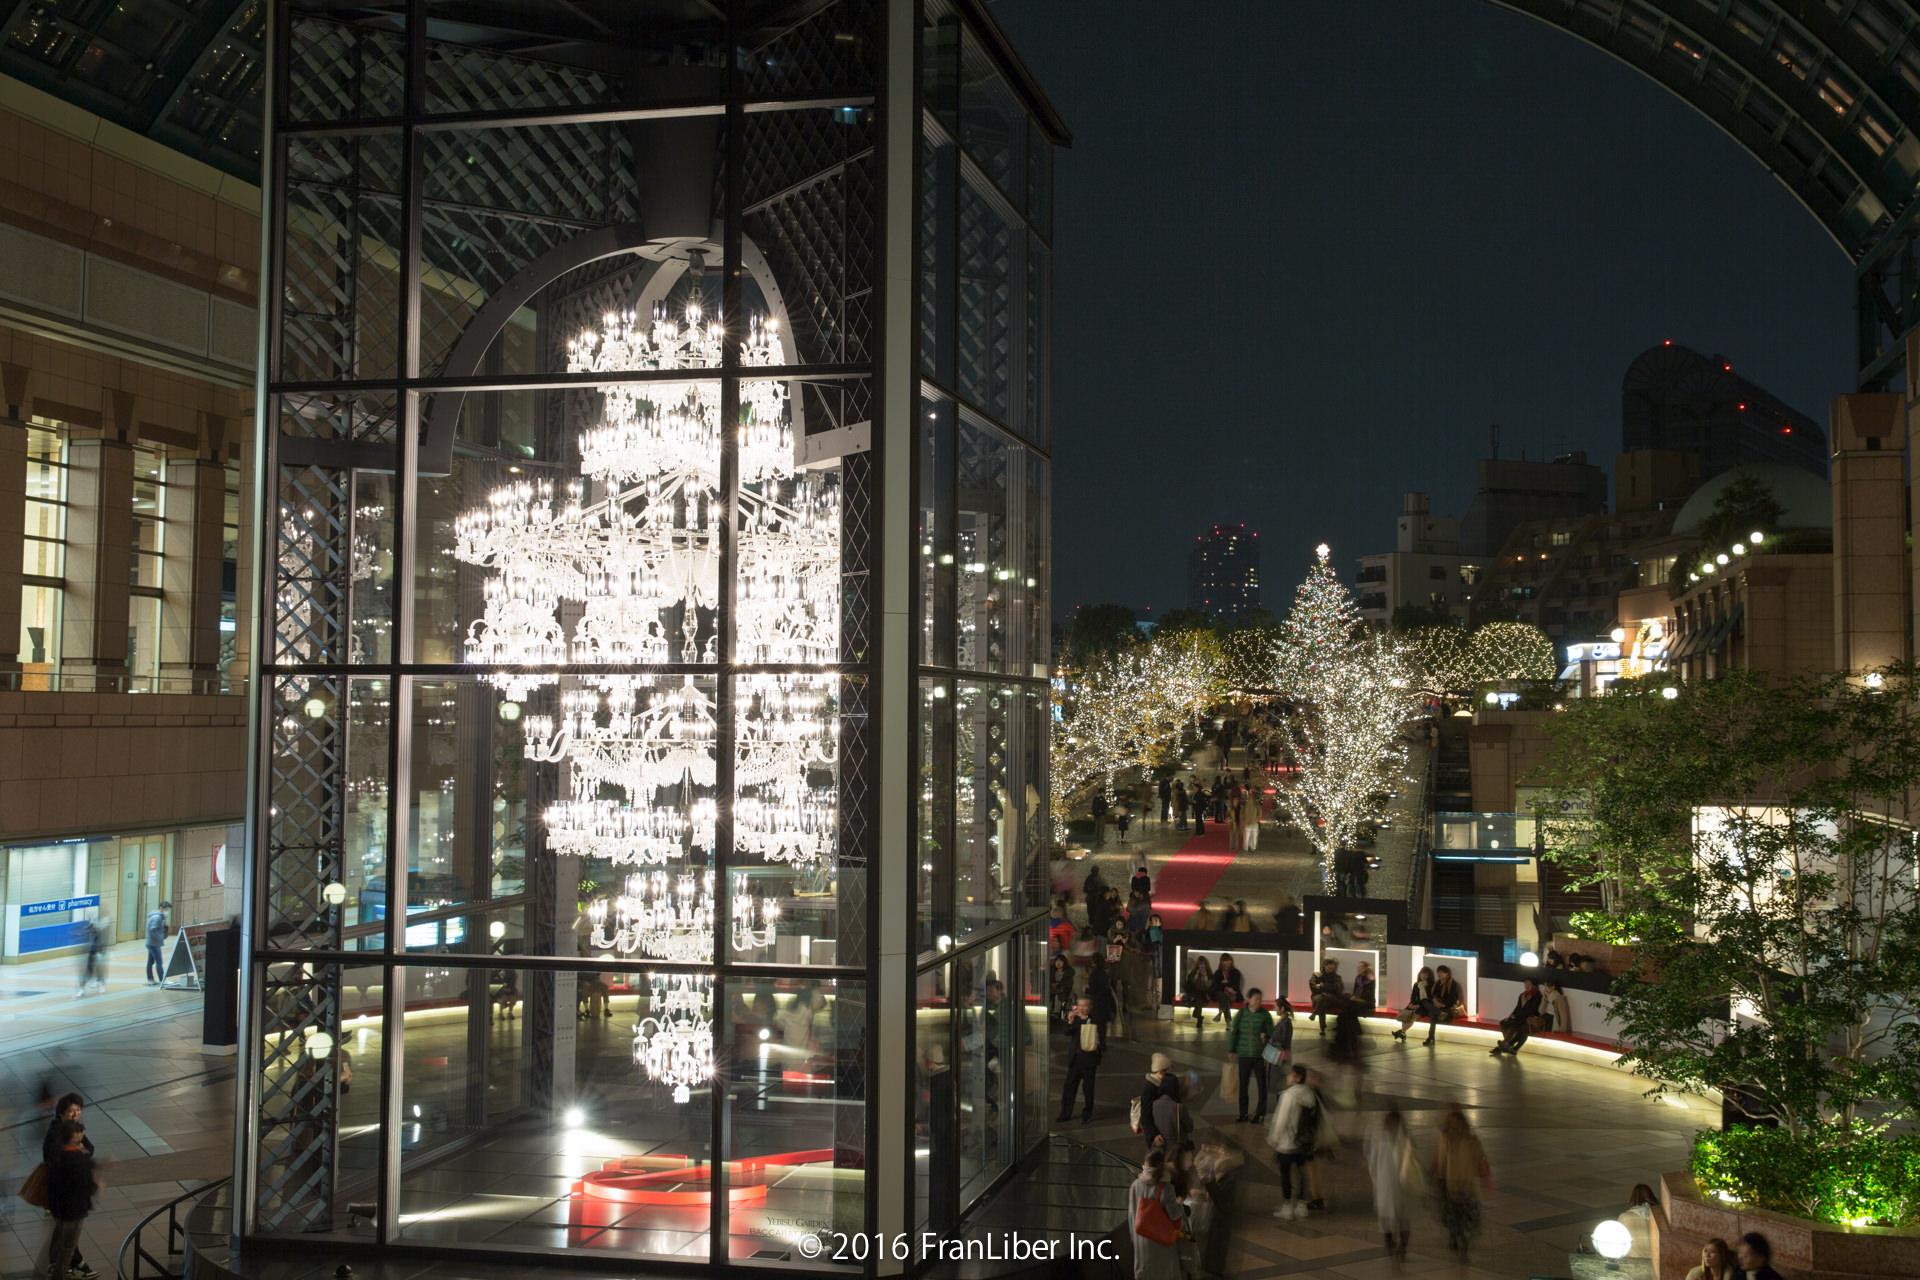 バカラシャンデリアとガーデンプレイスの広場